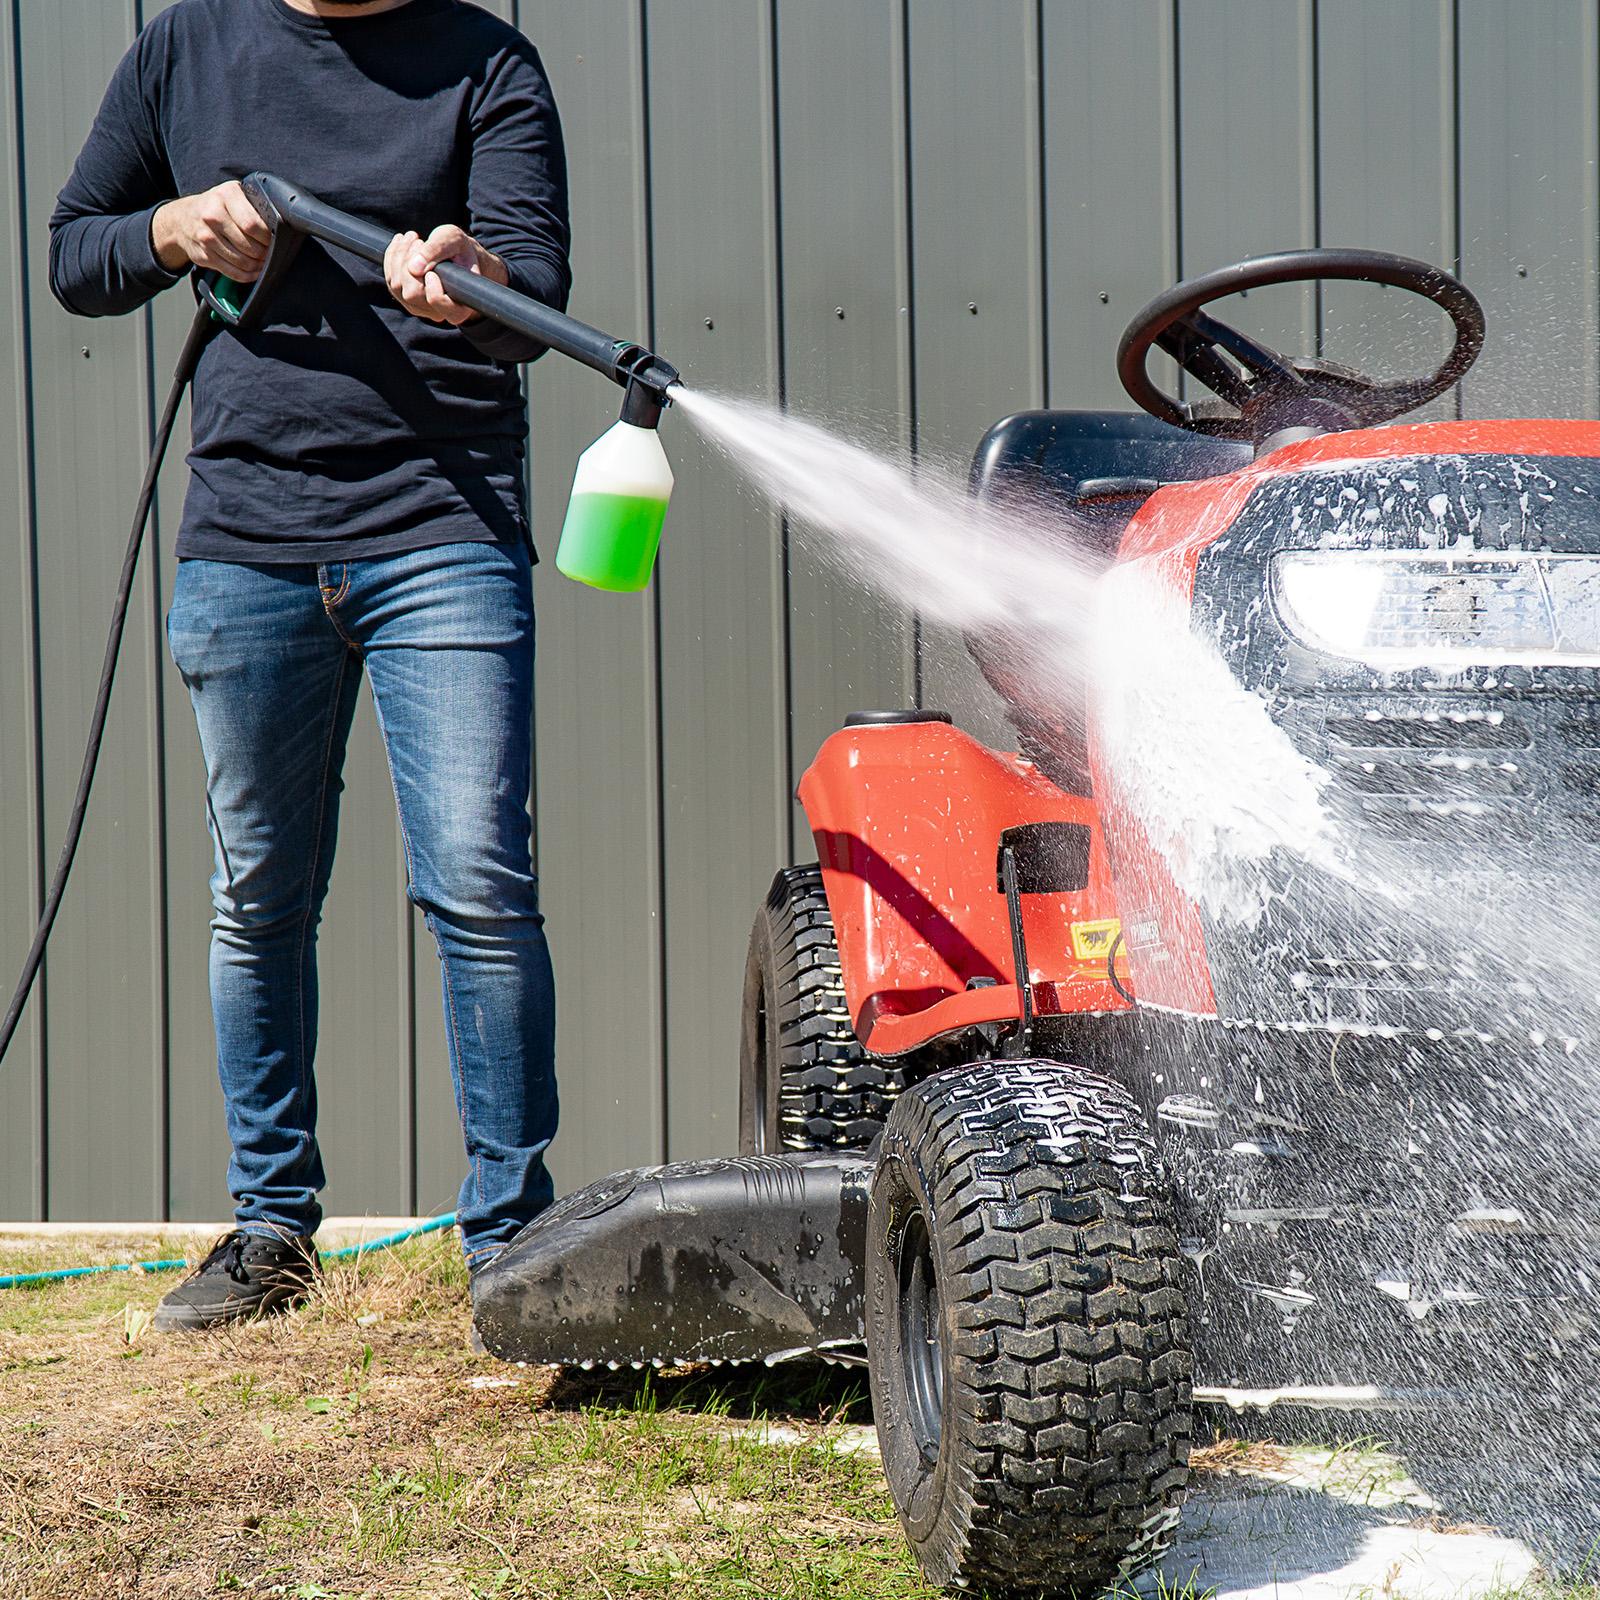 Gerni Foam Sprayer - Multi Wash Detergent - Garden Ride-On Lawn Mower